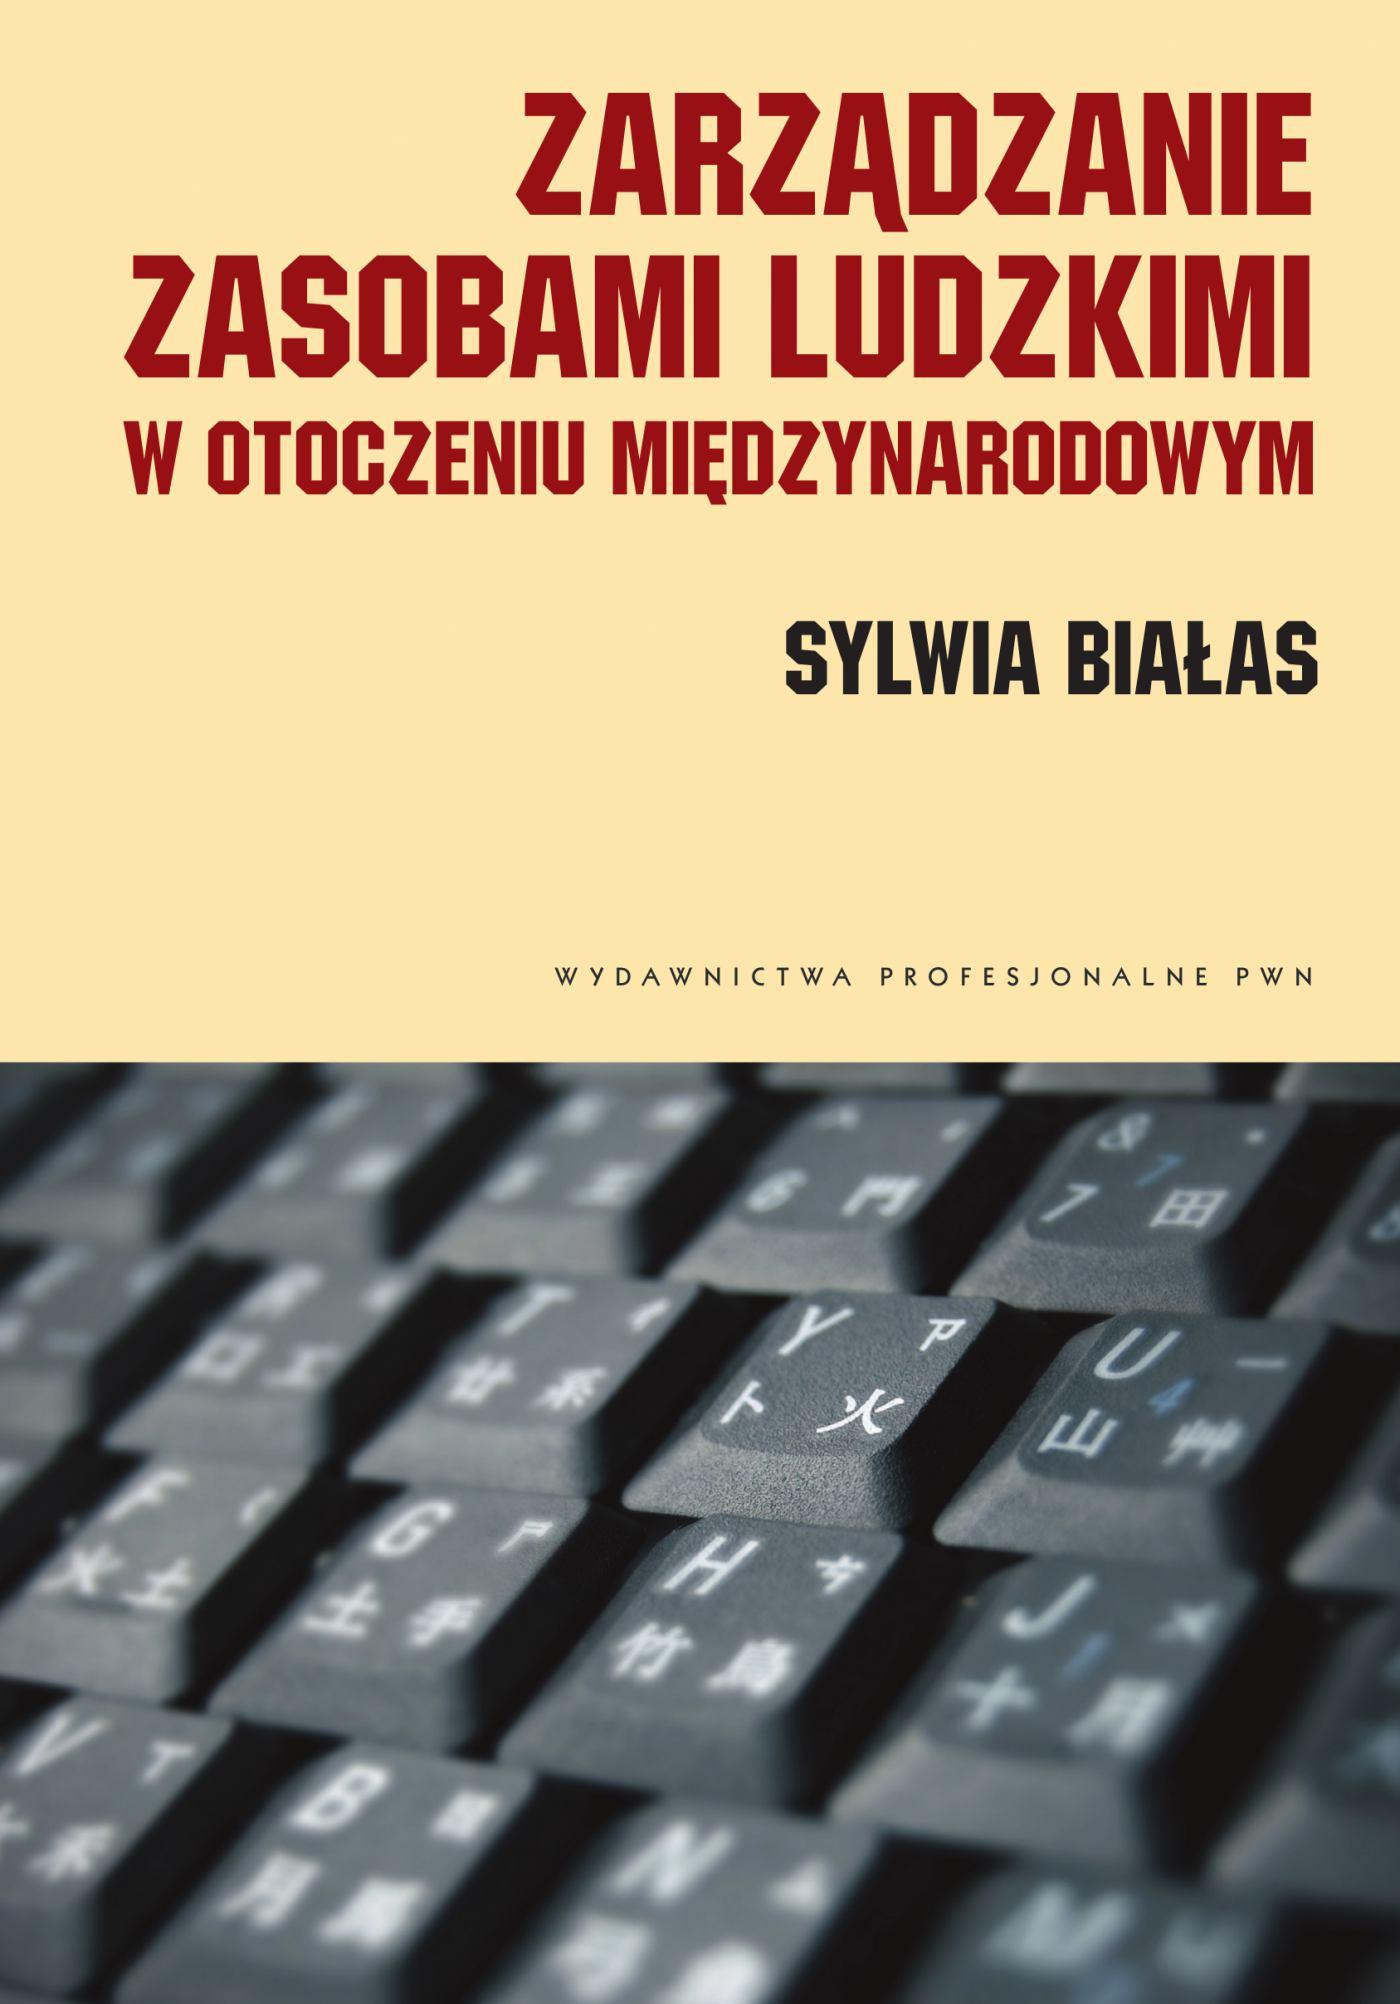 Zarządzanie zasobami ludzkimi w otoczeniu międzynarodowym. Kulturowe uwarunkowania - Ebook (Książka EPUB) do pobrania w formacie EPUB